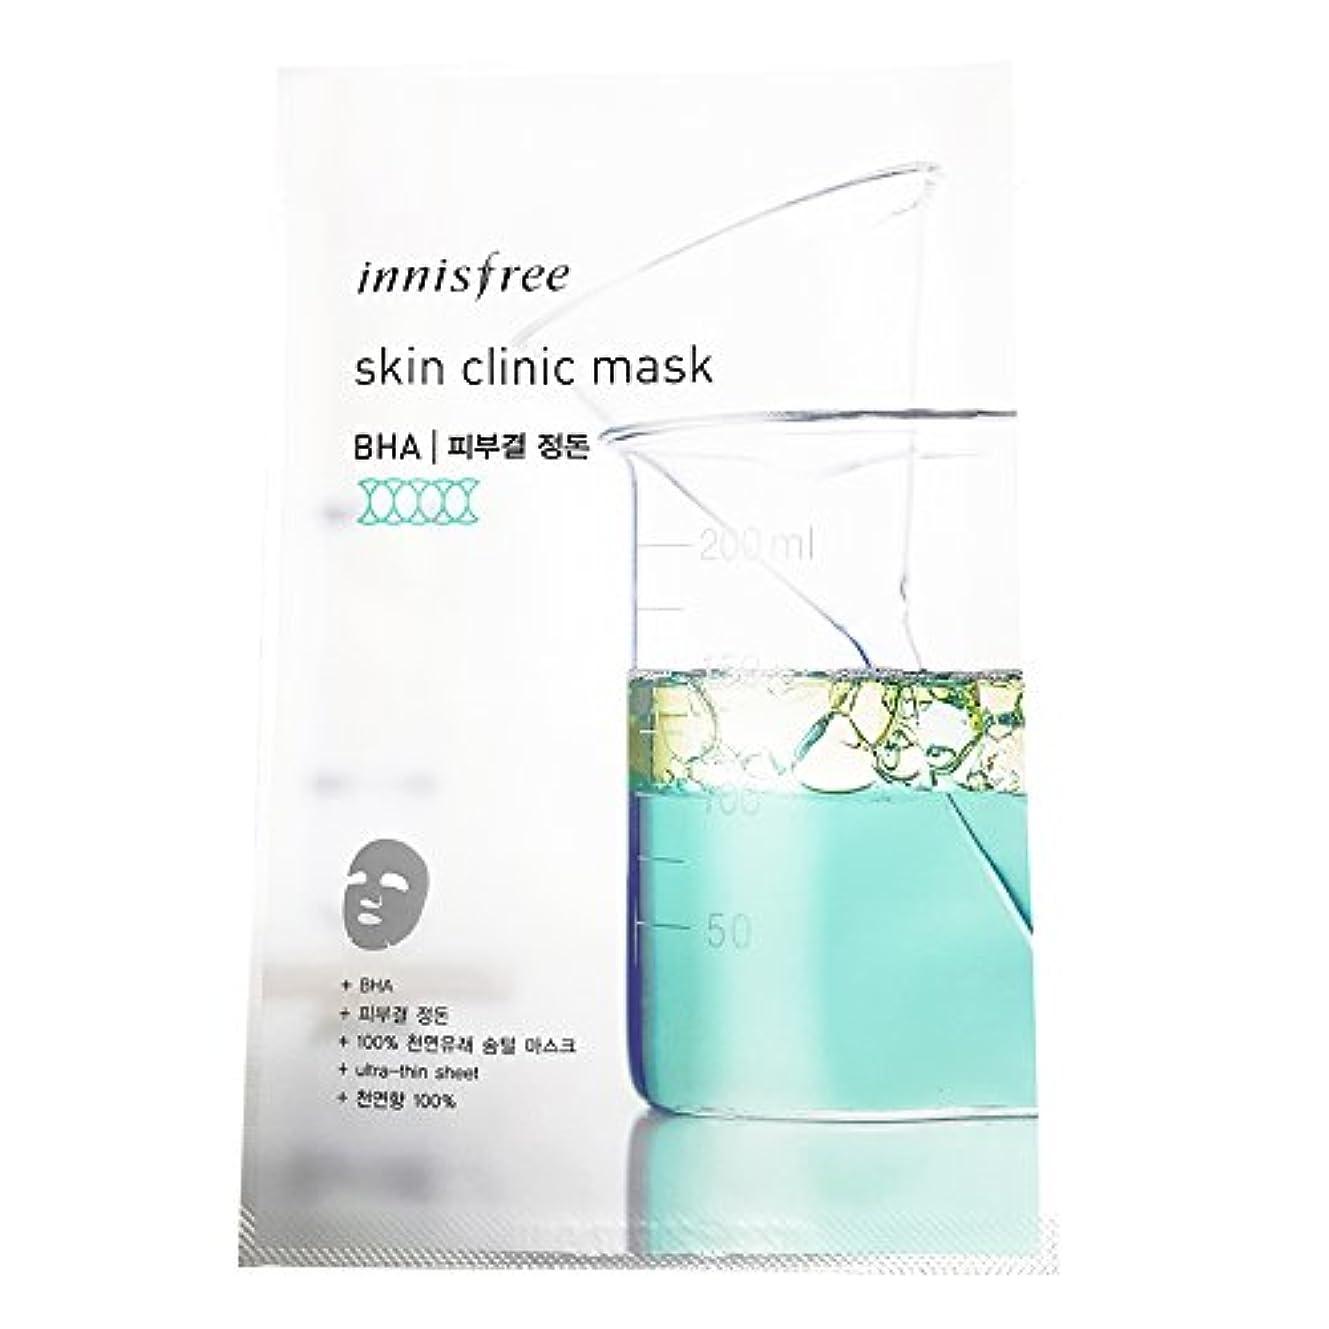 アリーナ状況平らにする[イニスプリー] Innisfree スキンクリニックマスク(20ml)-BHA(肌別整頓) Innisfree Skin Clinic Mask(20ml)-BHA [海外直送品]